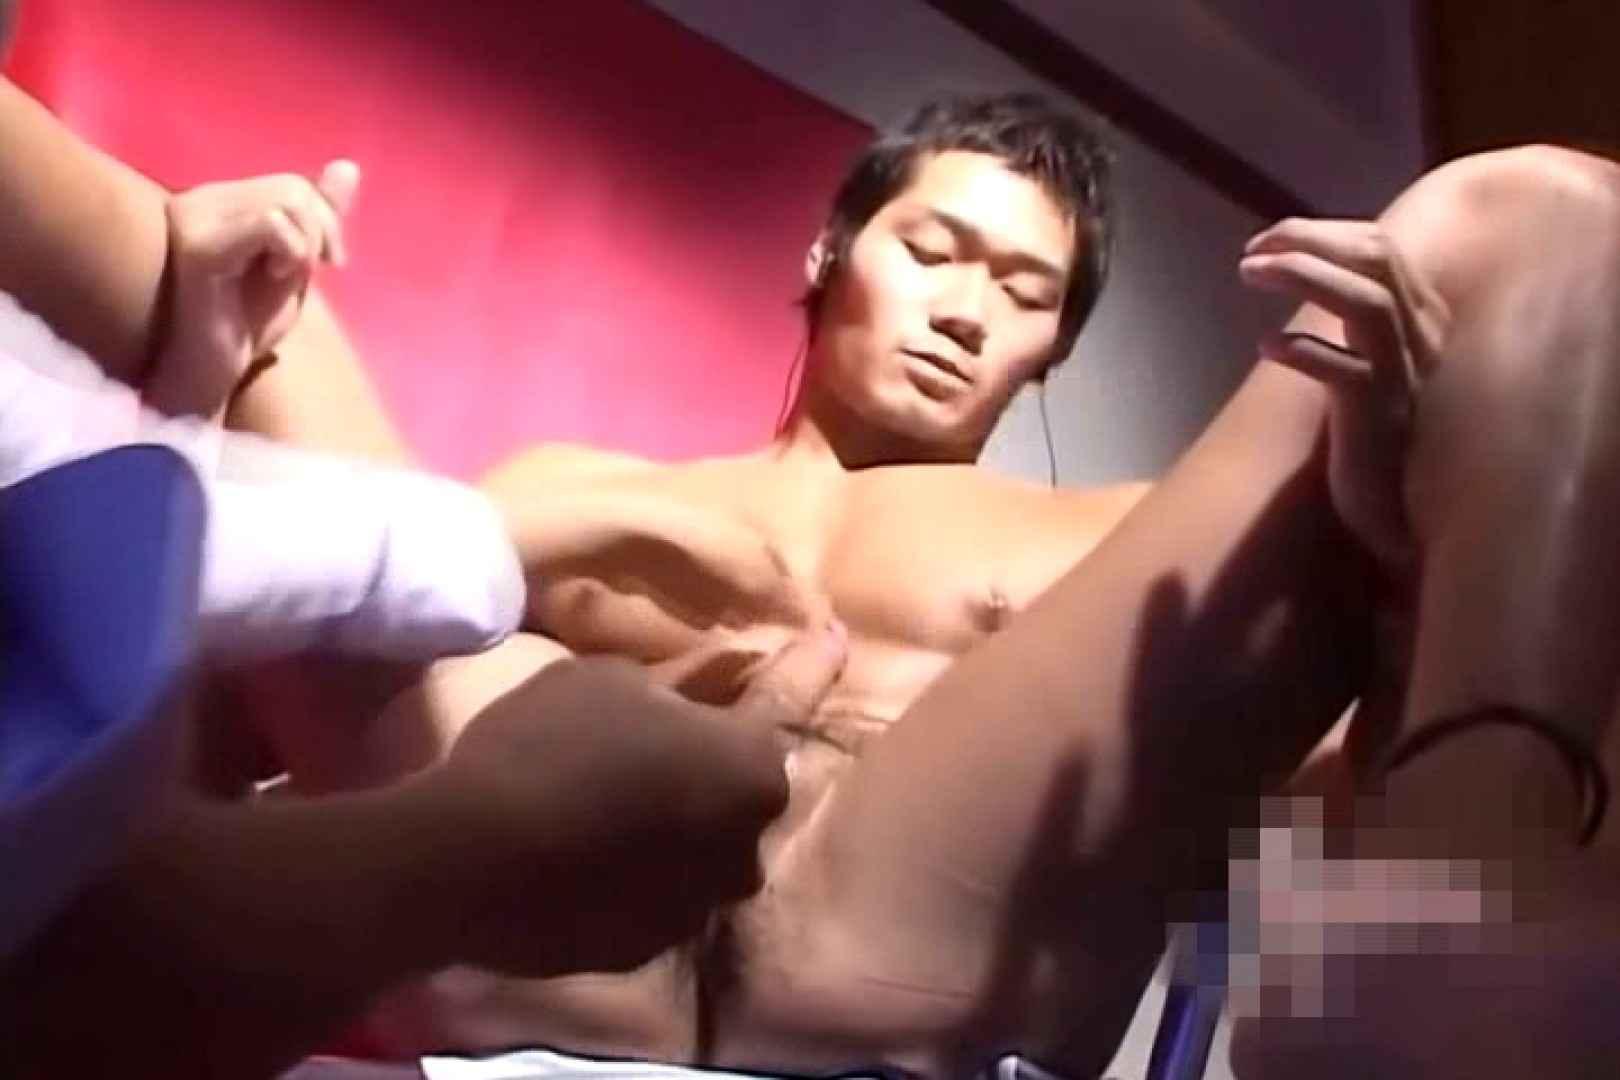 マッチョ系もっこりスポーツマンPlayoff!Vol17 スポーツマン ゲイ無修正ビデオ画像 69枚 47